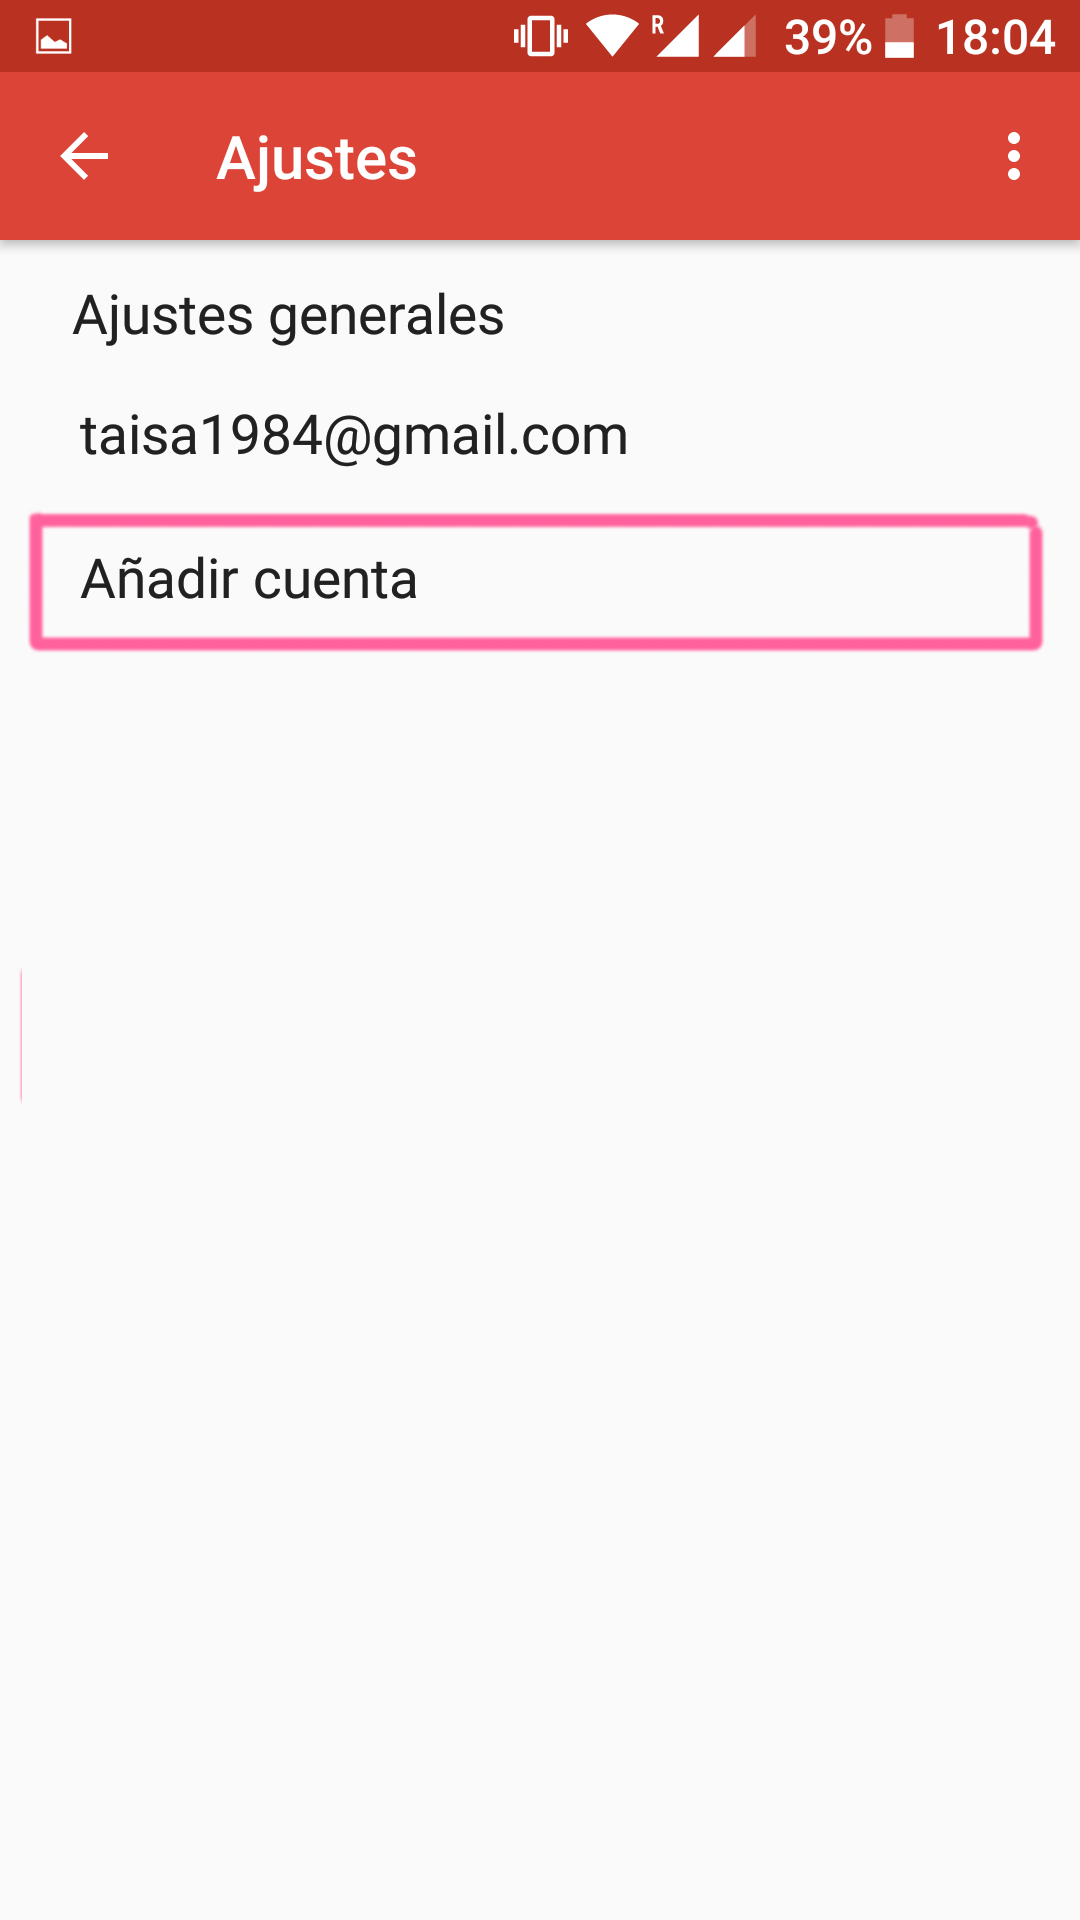 correo-dominio-propio-gmail-movil-2